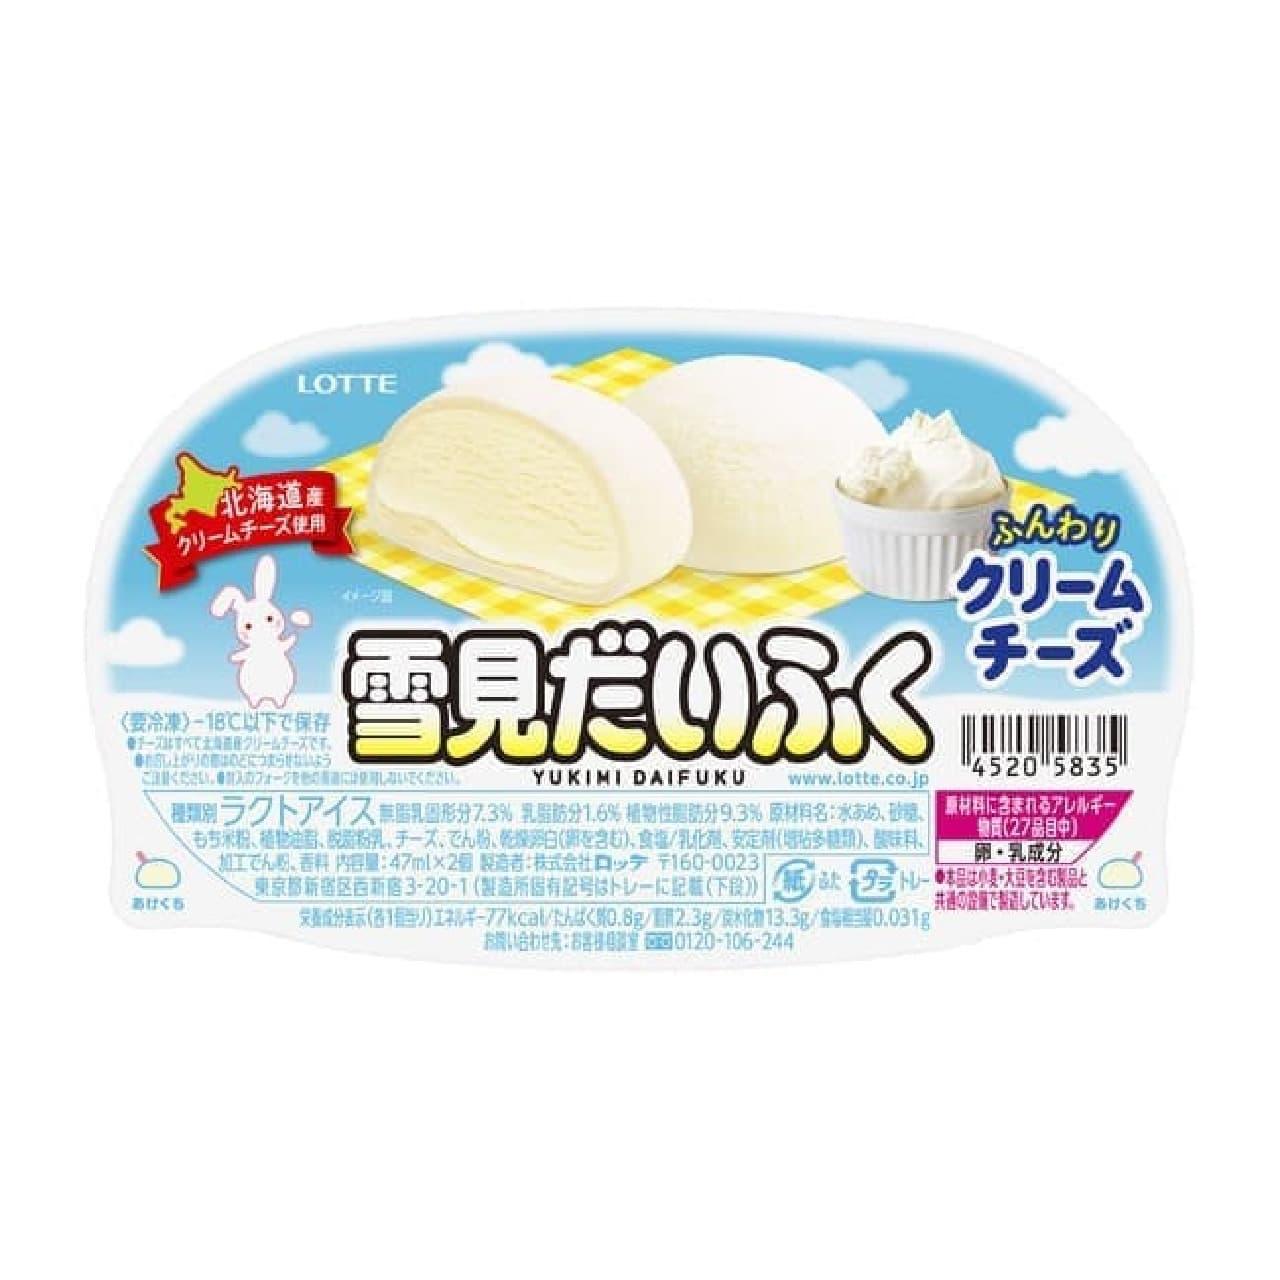 「雪見だいふくふんわりクリームチーズ」北海道産クリームチーズ使用